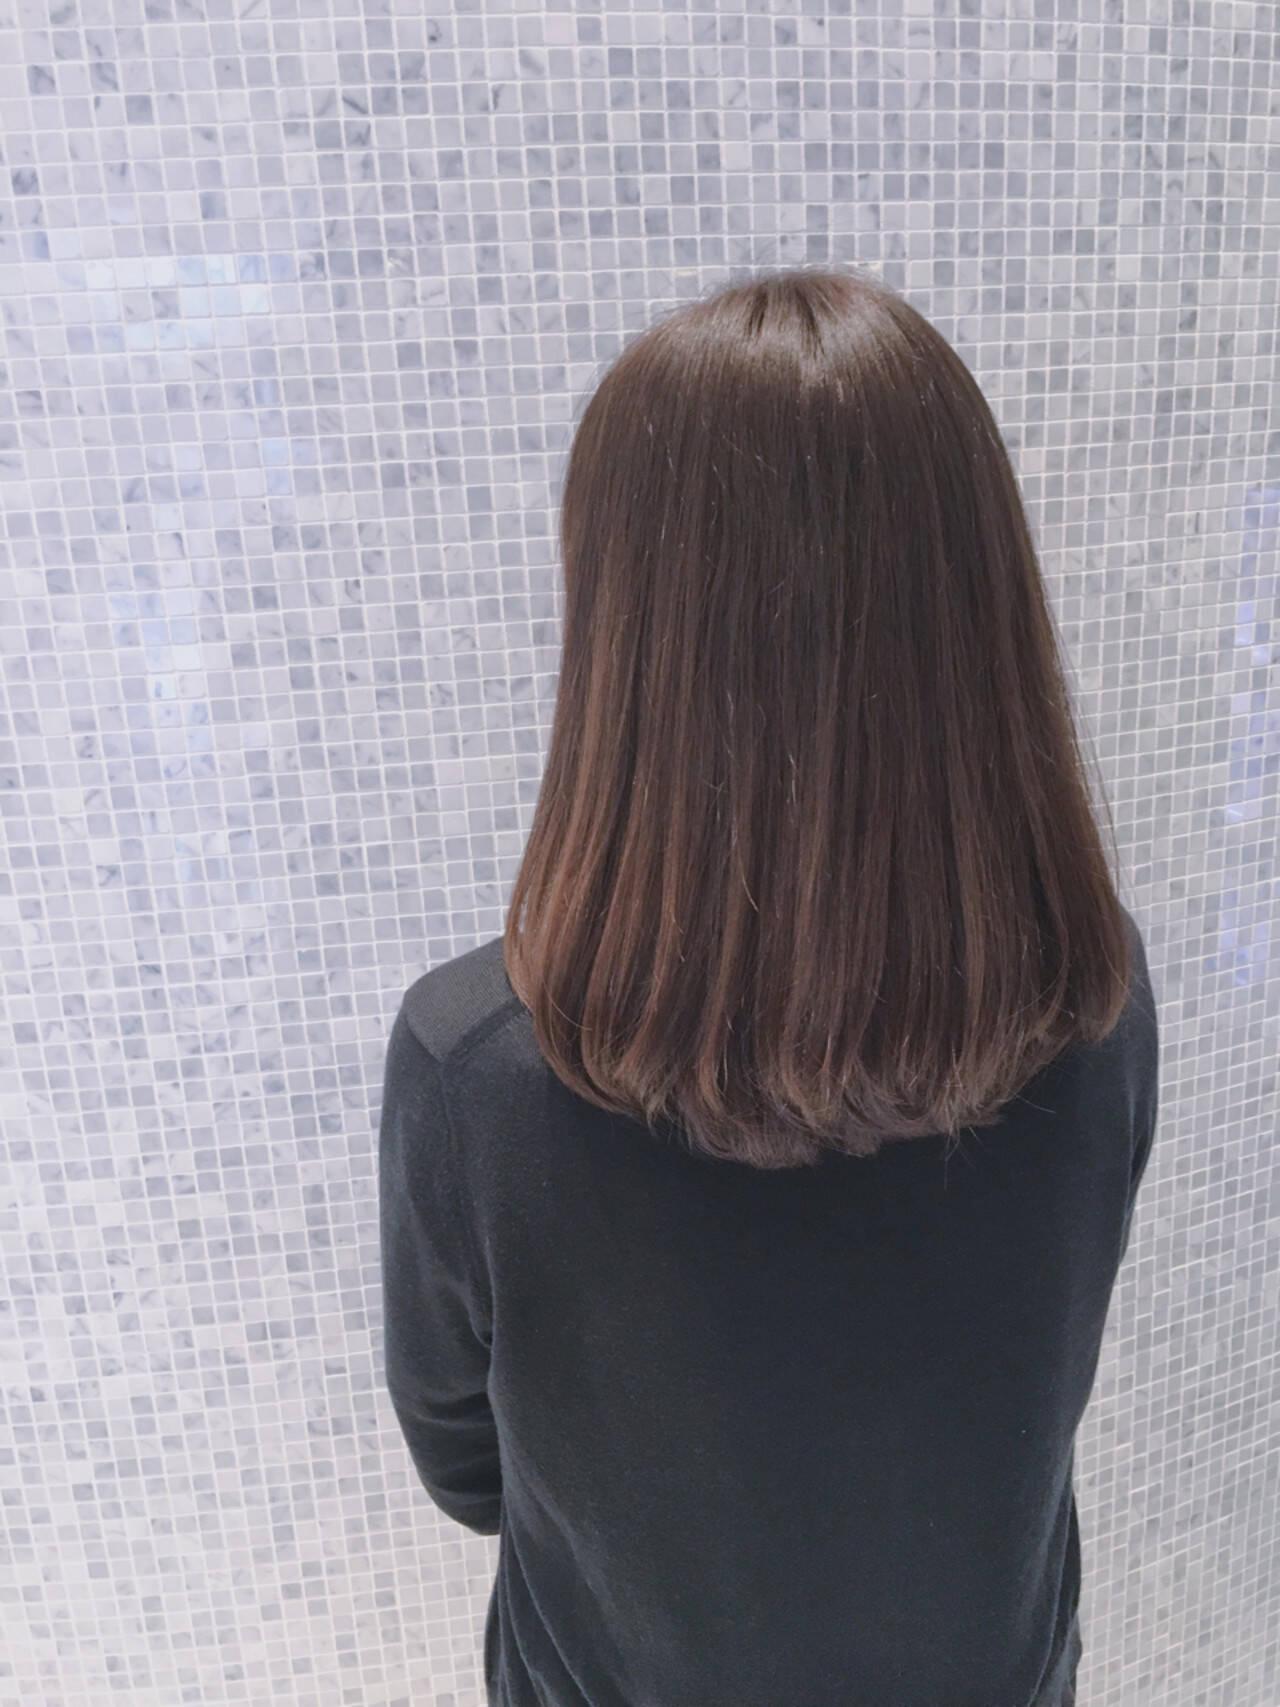 ナチュラル 簡単 ミディアム グラデーションカラーヘアスタイルや髪型の写真・画像